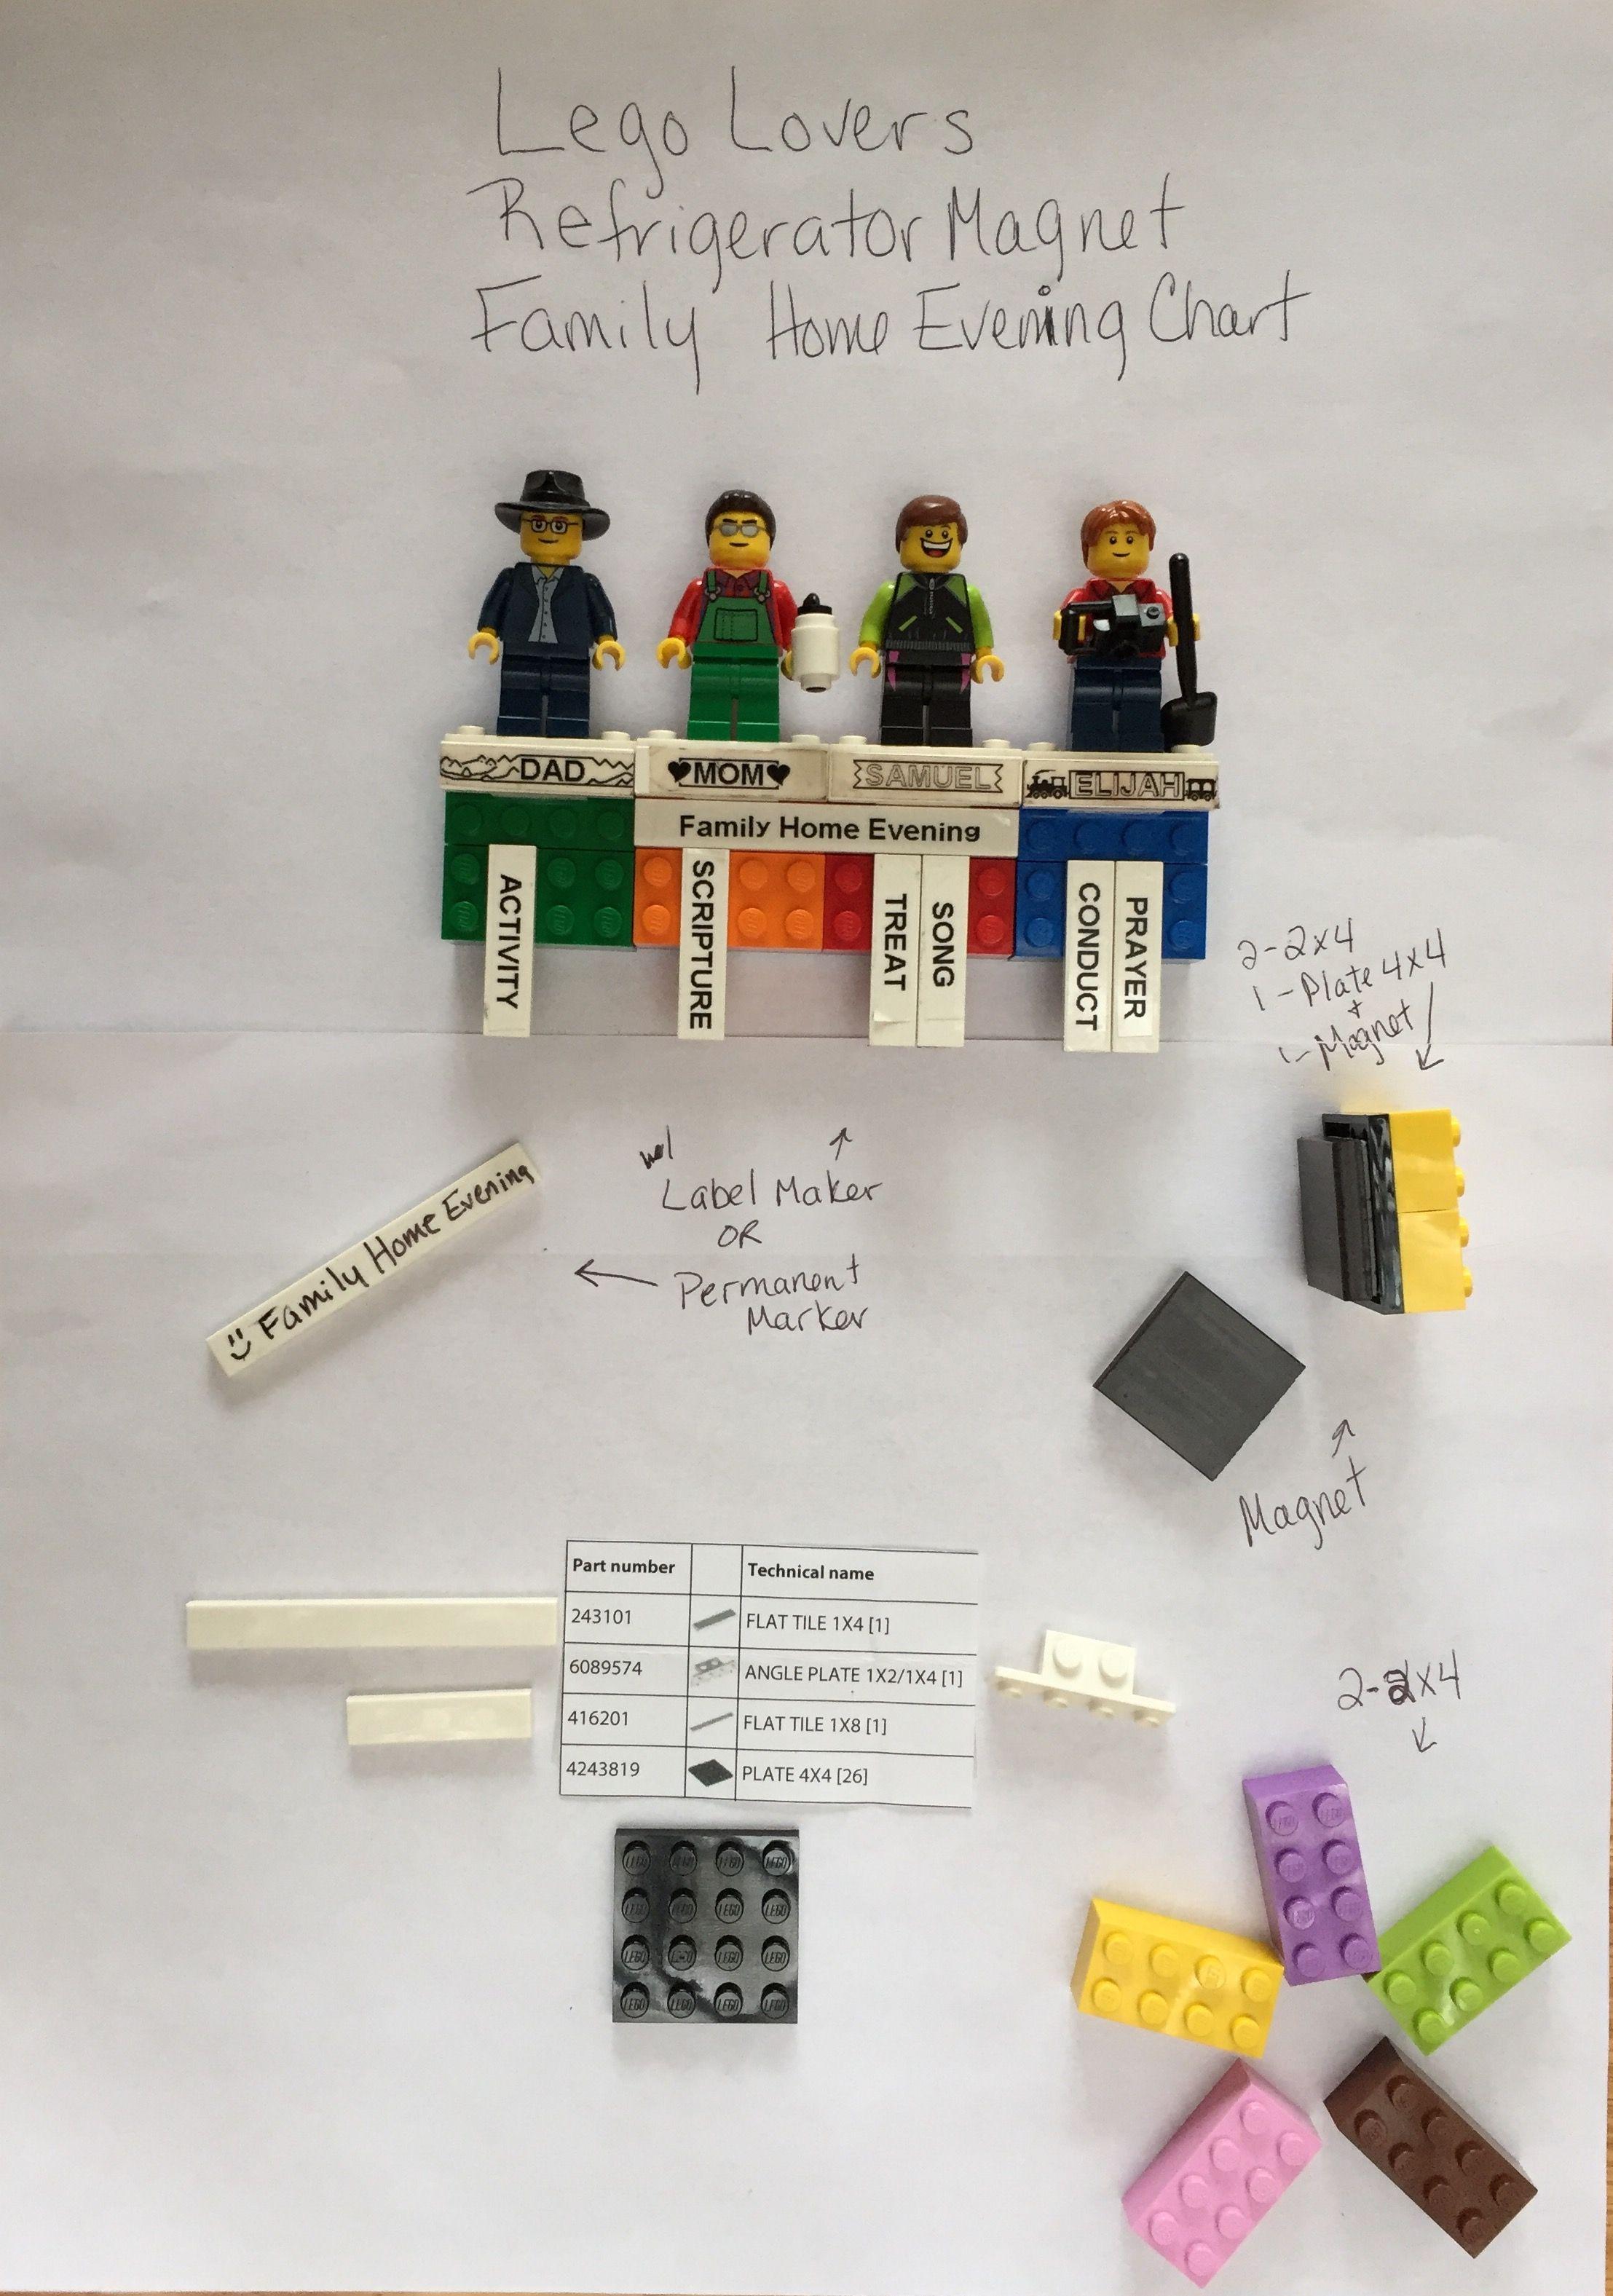 Lego Family Home Evening refrigerator magnets | Family Home Evening ...